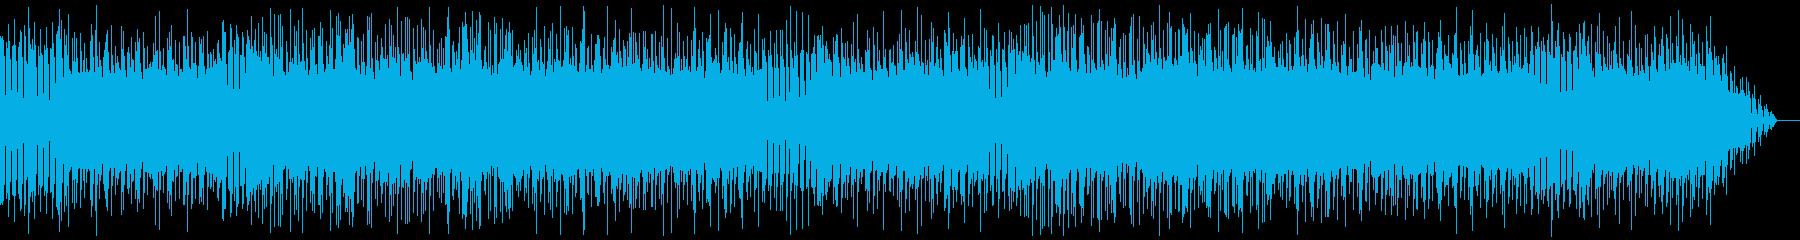 メタルとストリングス用いた戦闘系BGMの再生済みの波形